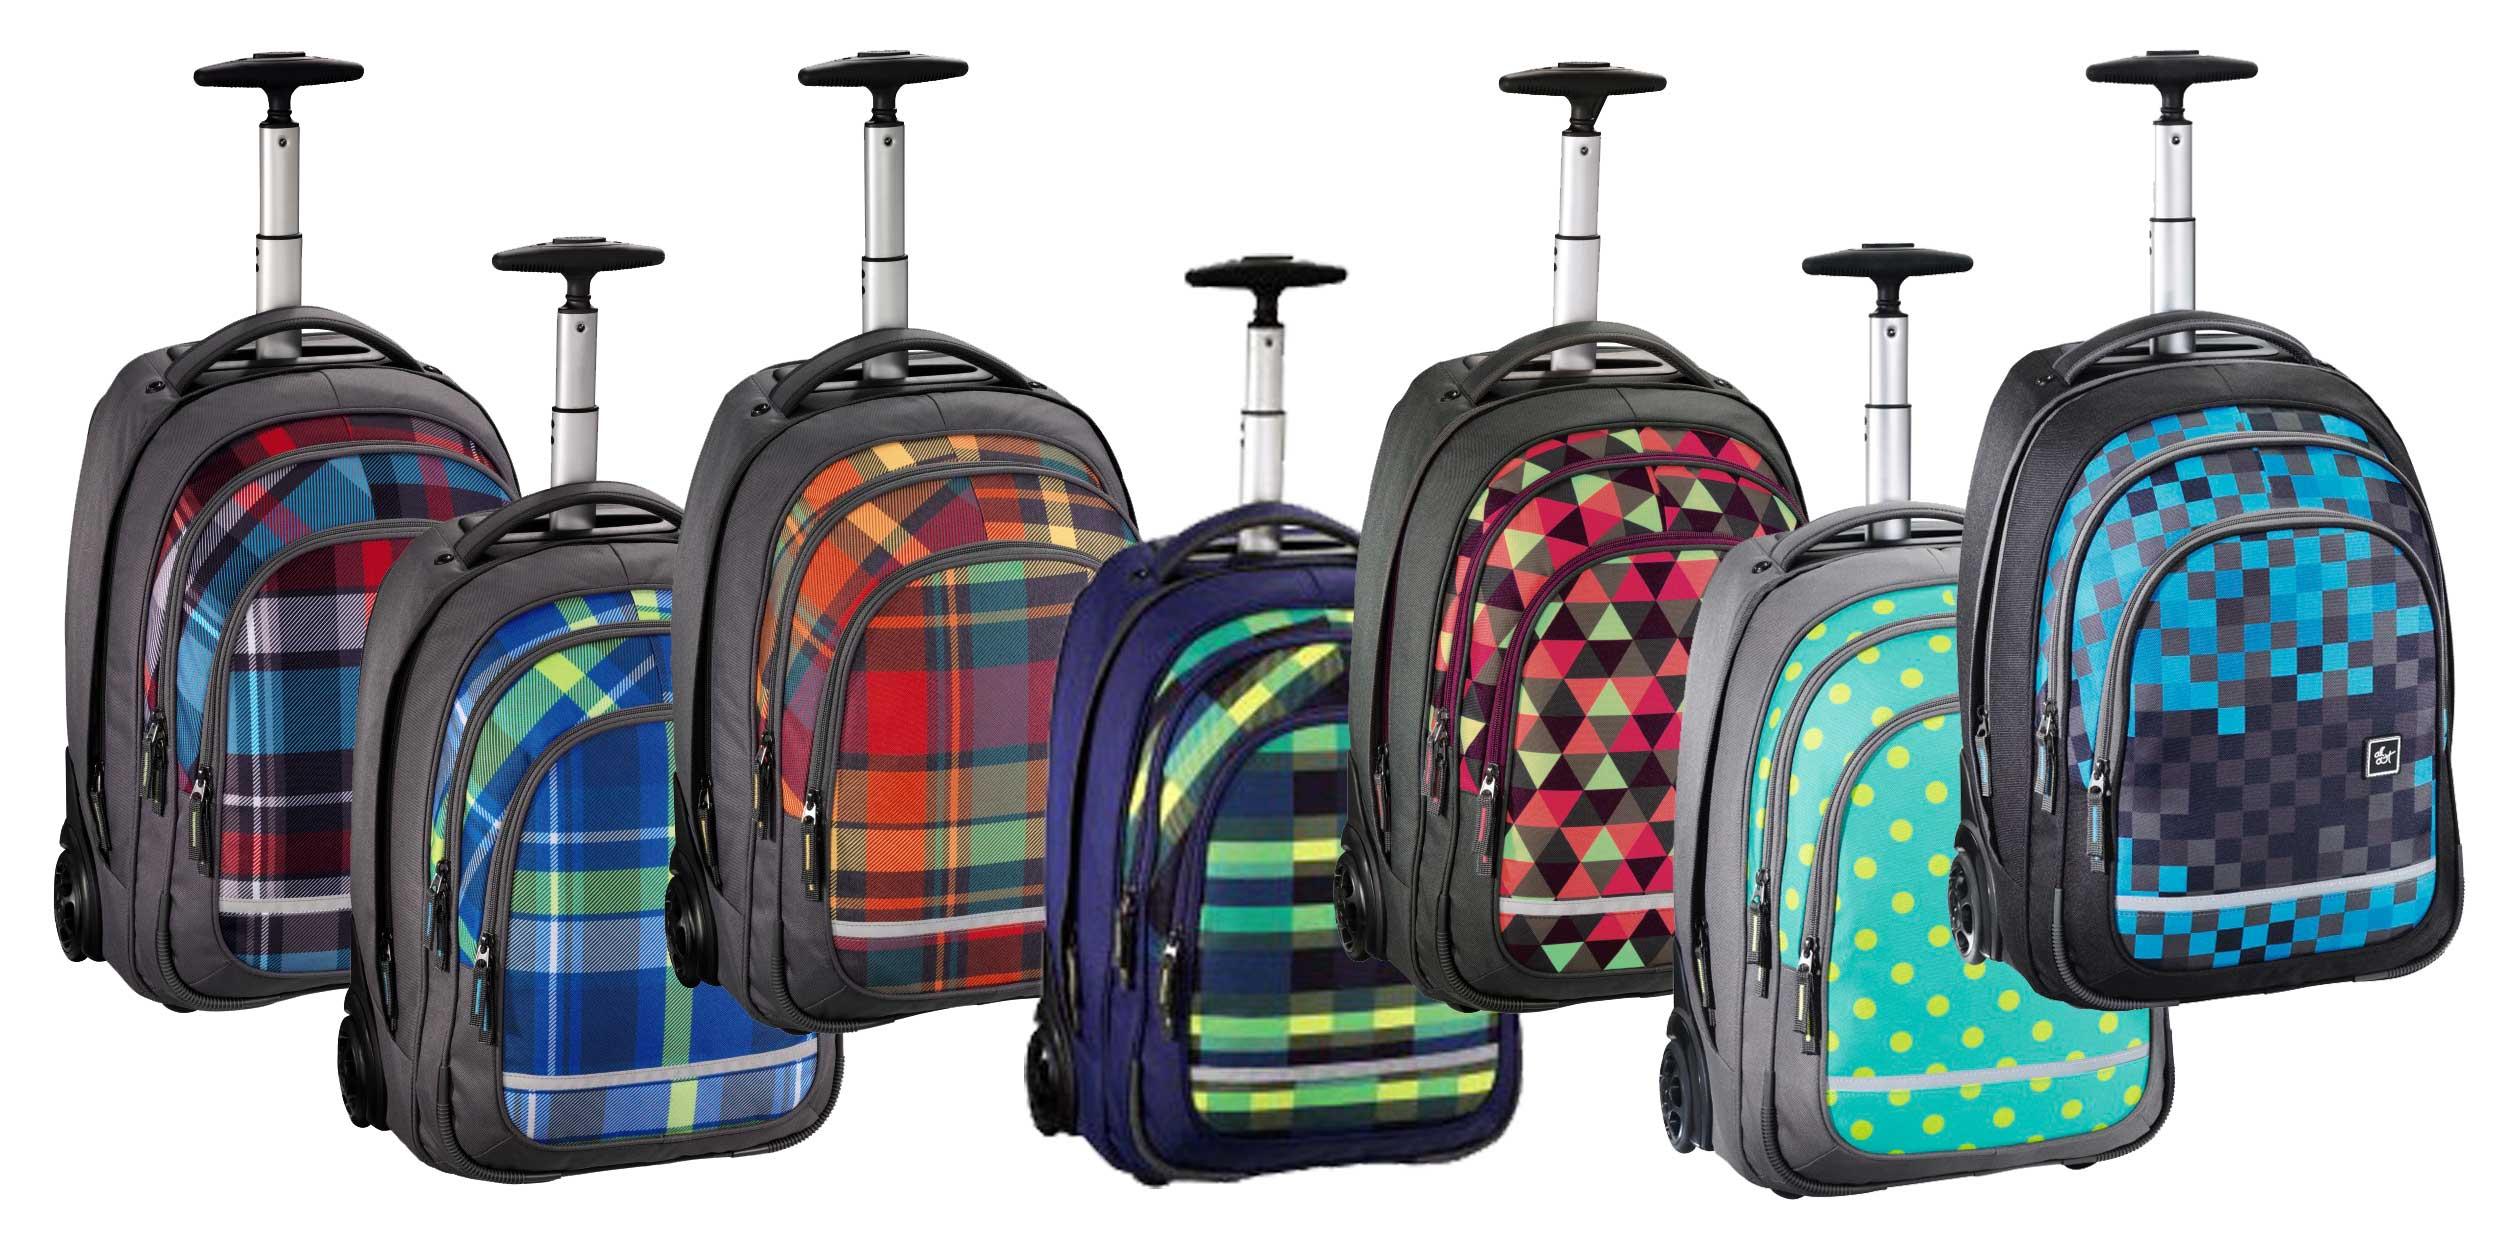 d70c9375b957e Školské tašky na kolieskach predaj